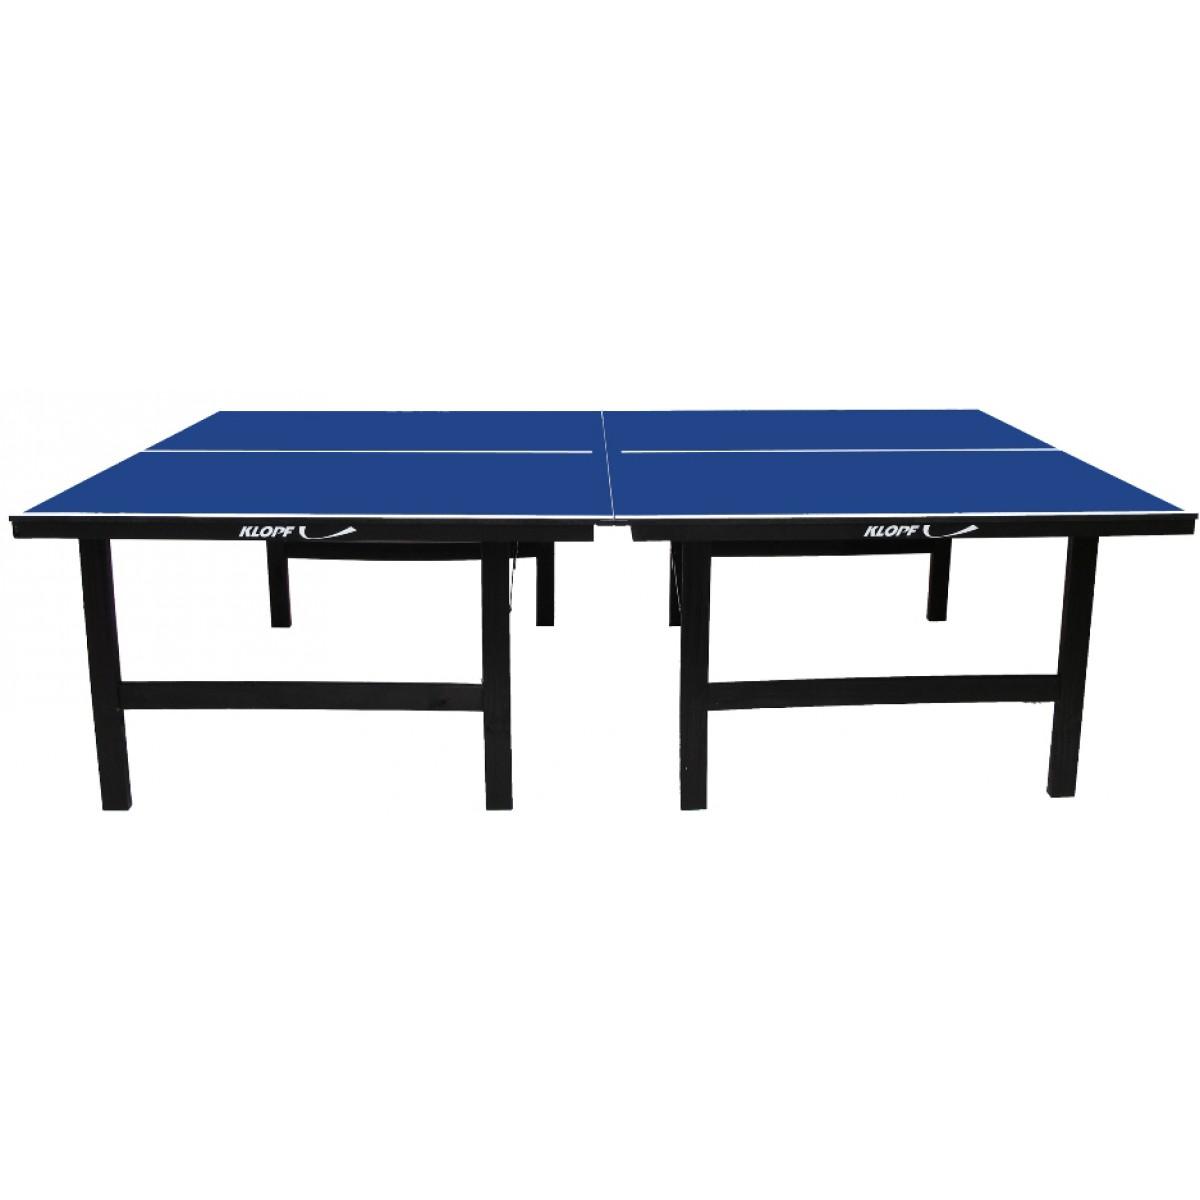 Mesa de Ping Pong Tenis de Mesa MDP Klopf - 1002